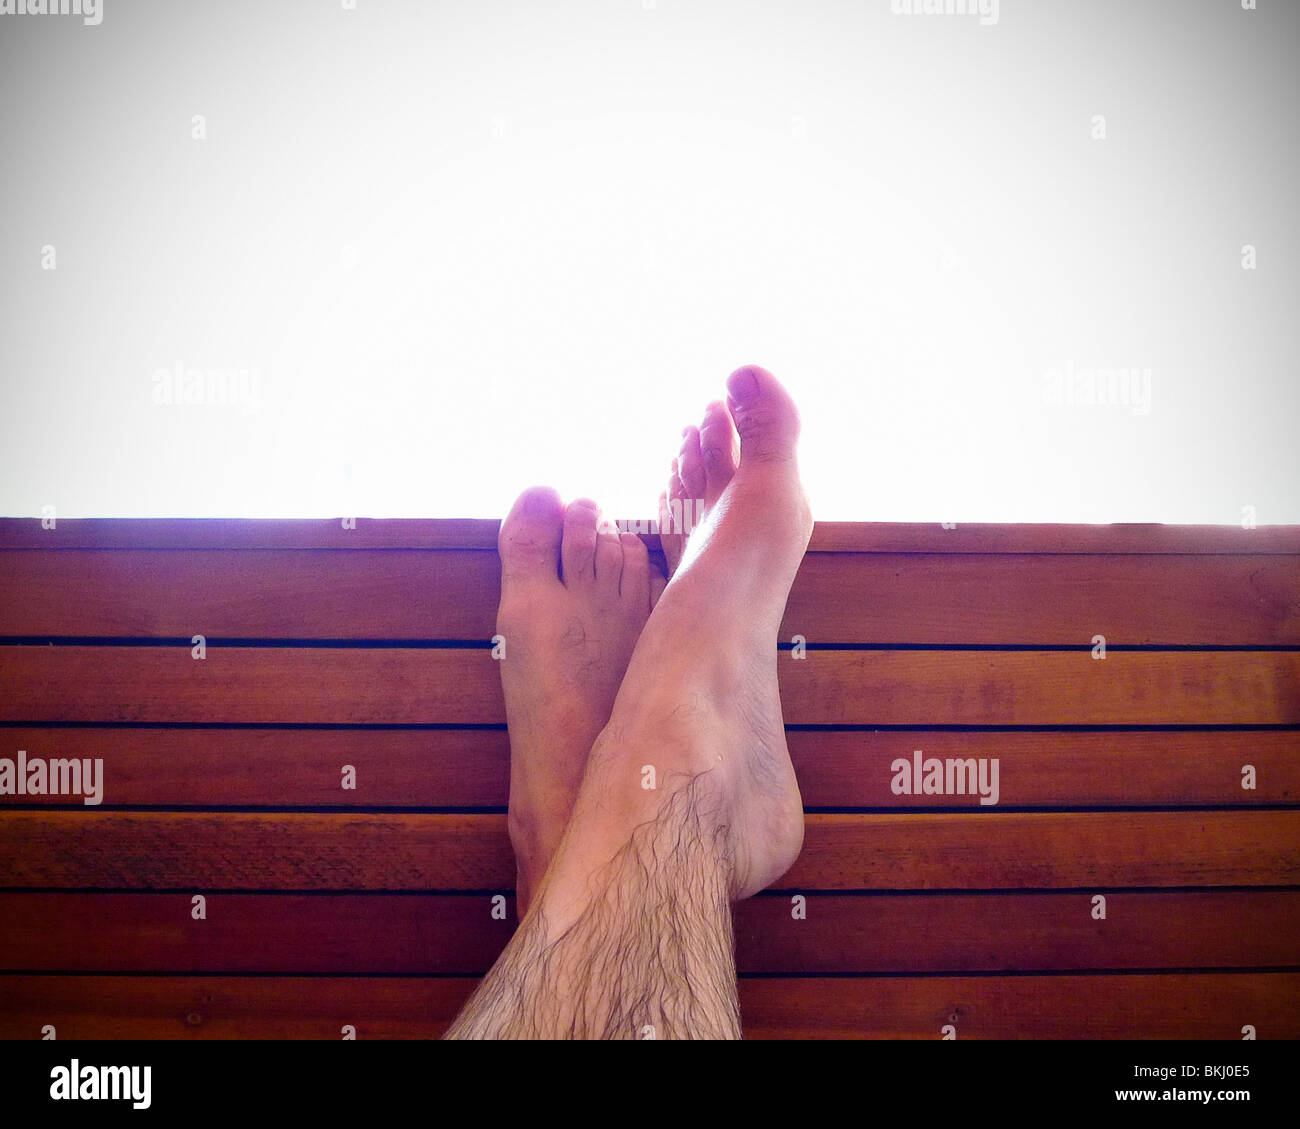 Relajado cruzó los pies sobre una banqueta resort. Imagen De Stock